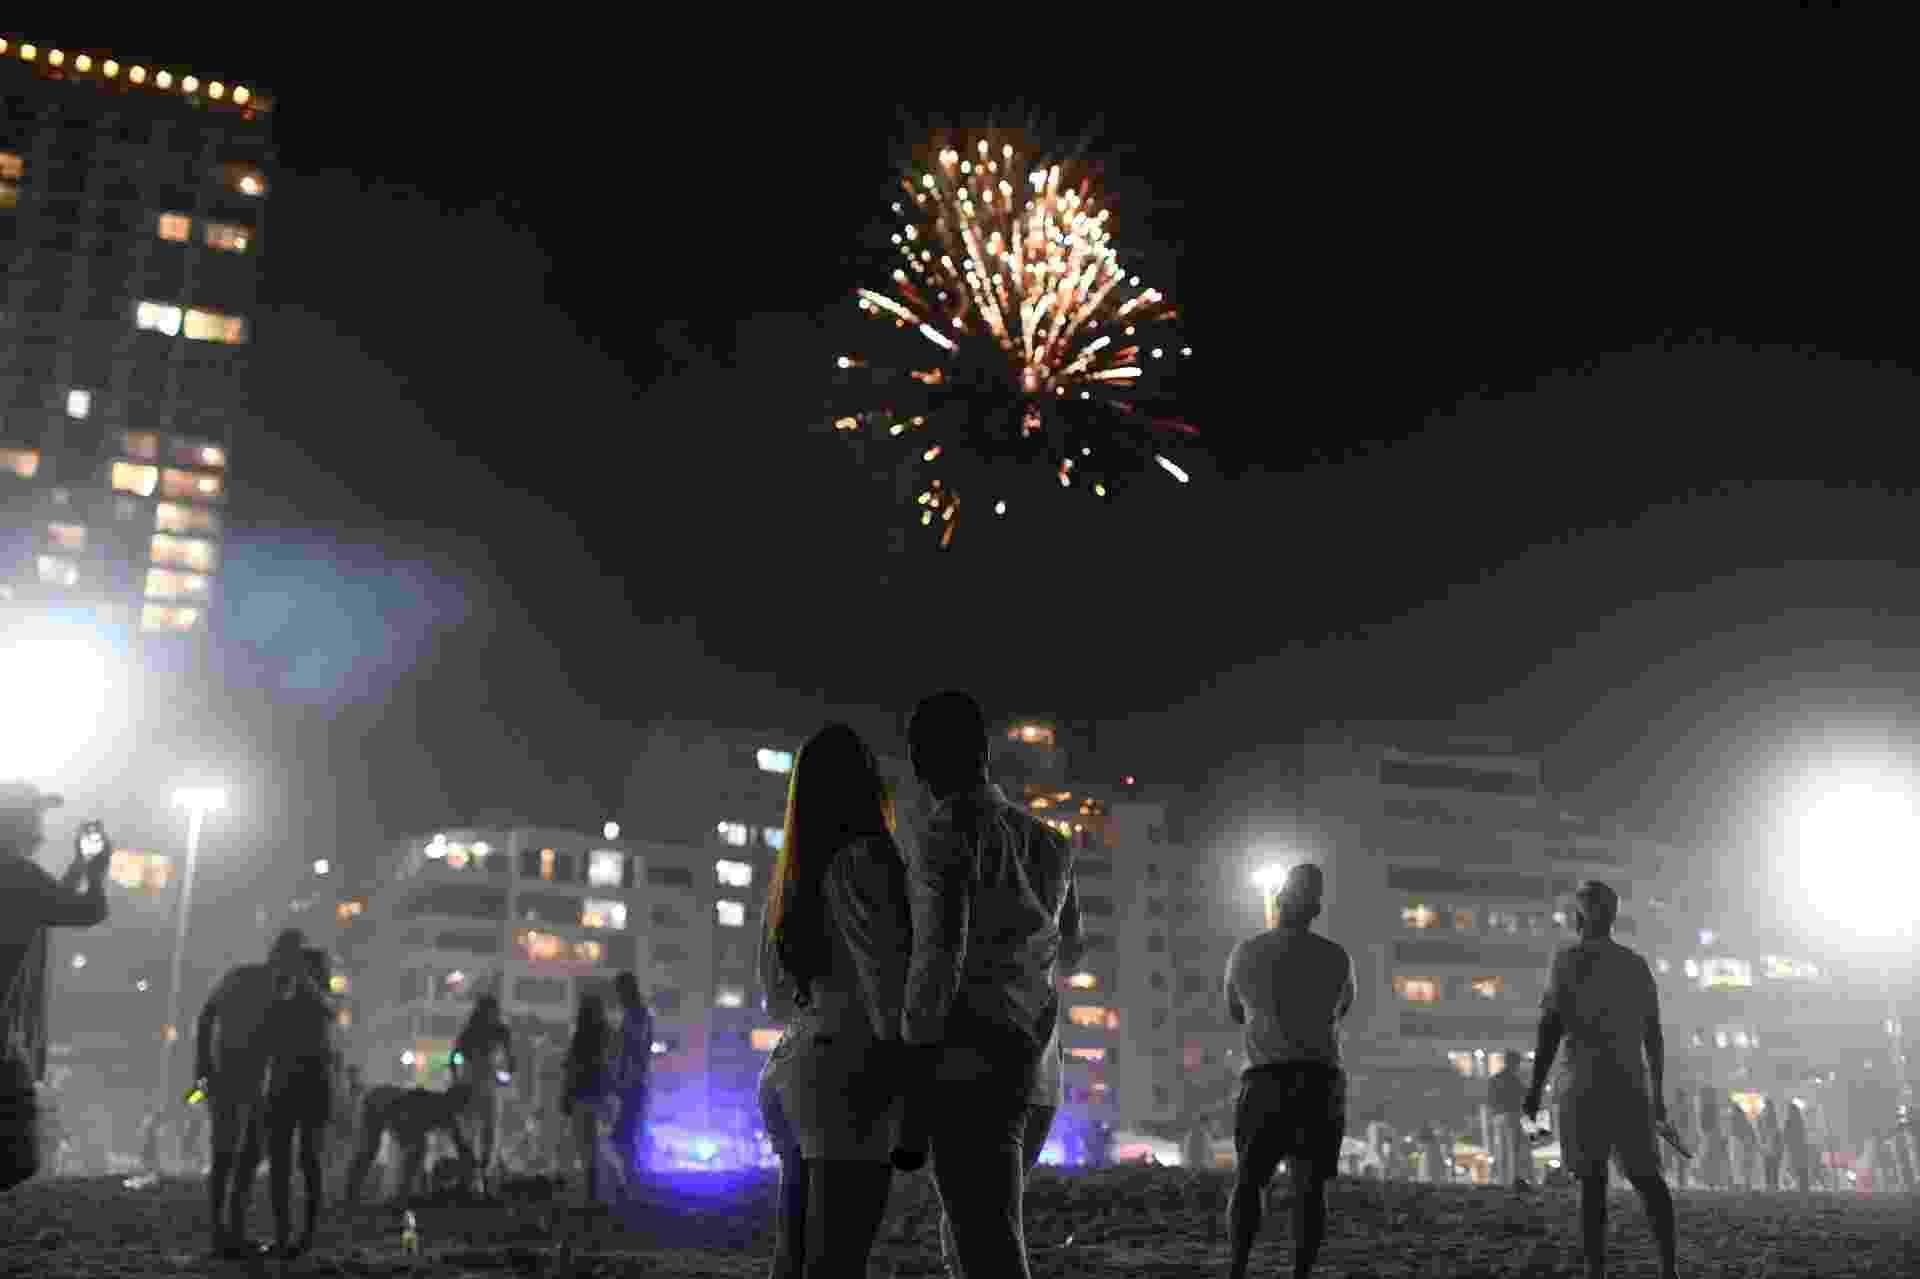 Pessoas admiram a queima de fogos em Copacabana, no Rio - Lucas Landau / Reuters